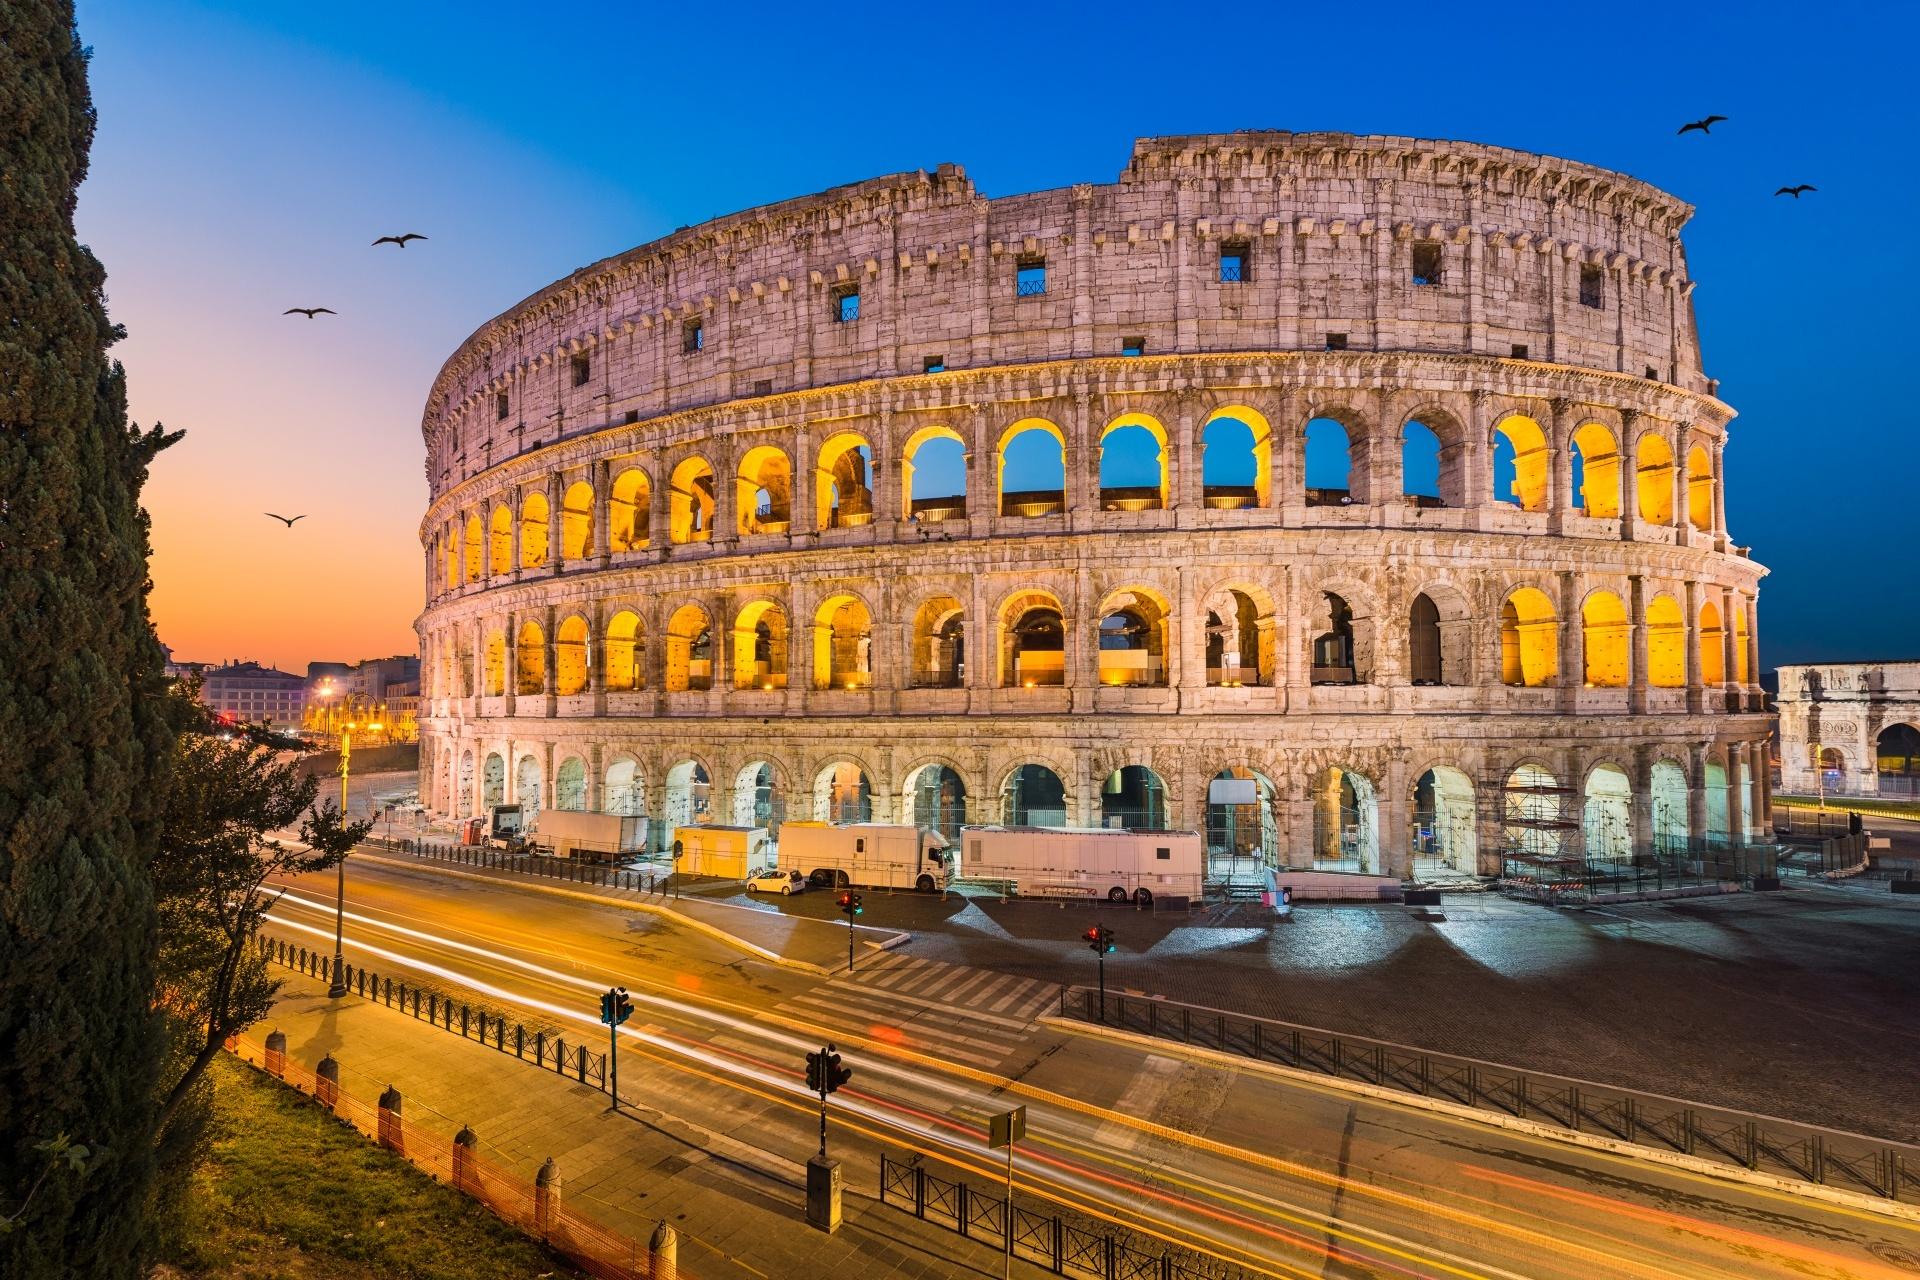 ローマ 夕暮れのコロッセオの風景 イタリアの風景